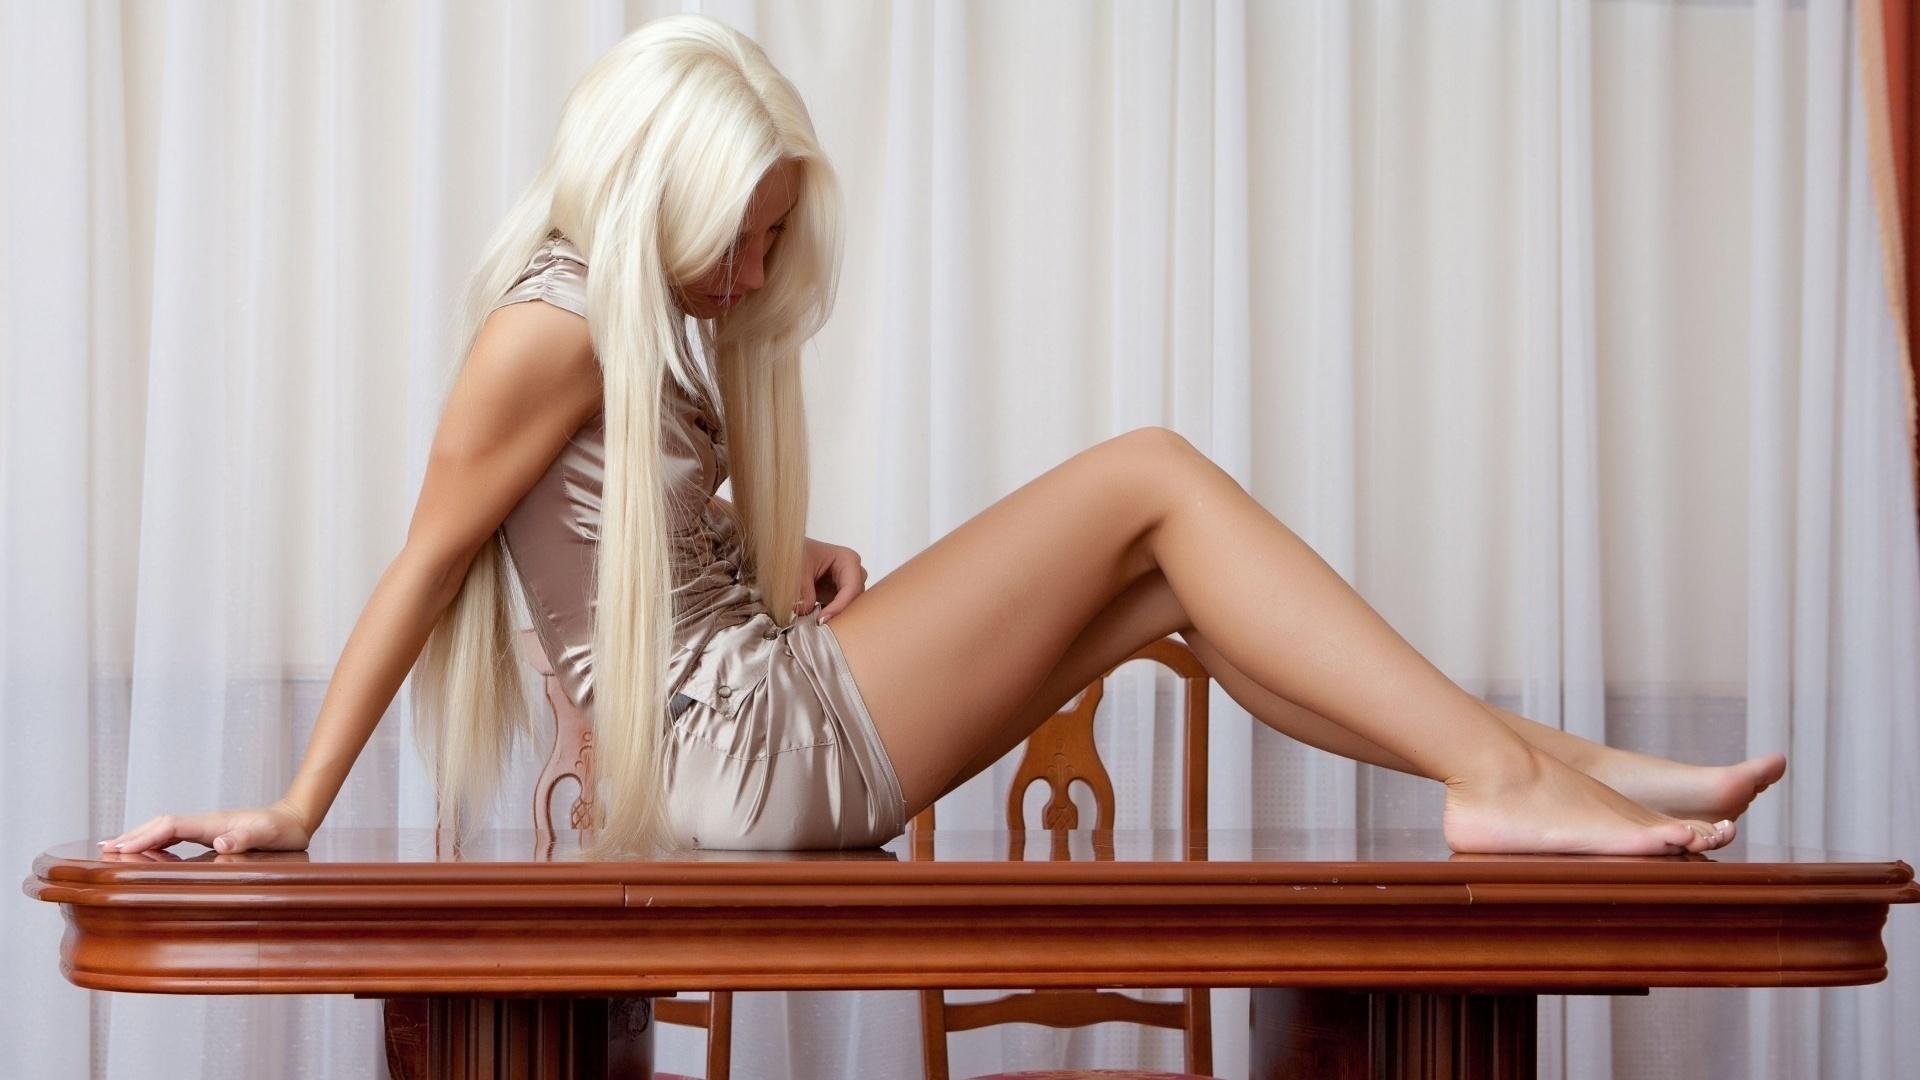 Раздвинутые колени девушки, Русская женщина раздвинула ноги и получает оргазм 23 фотография